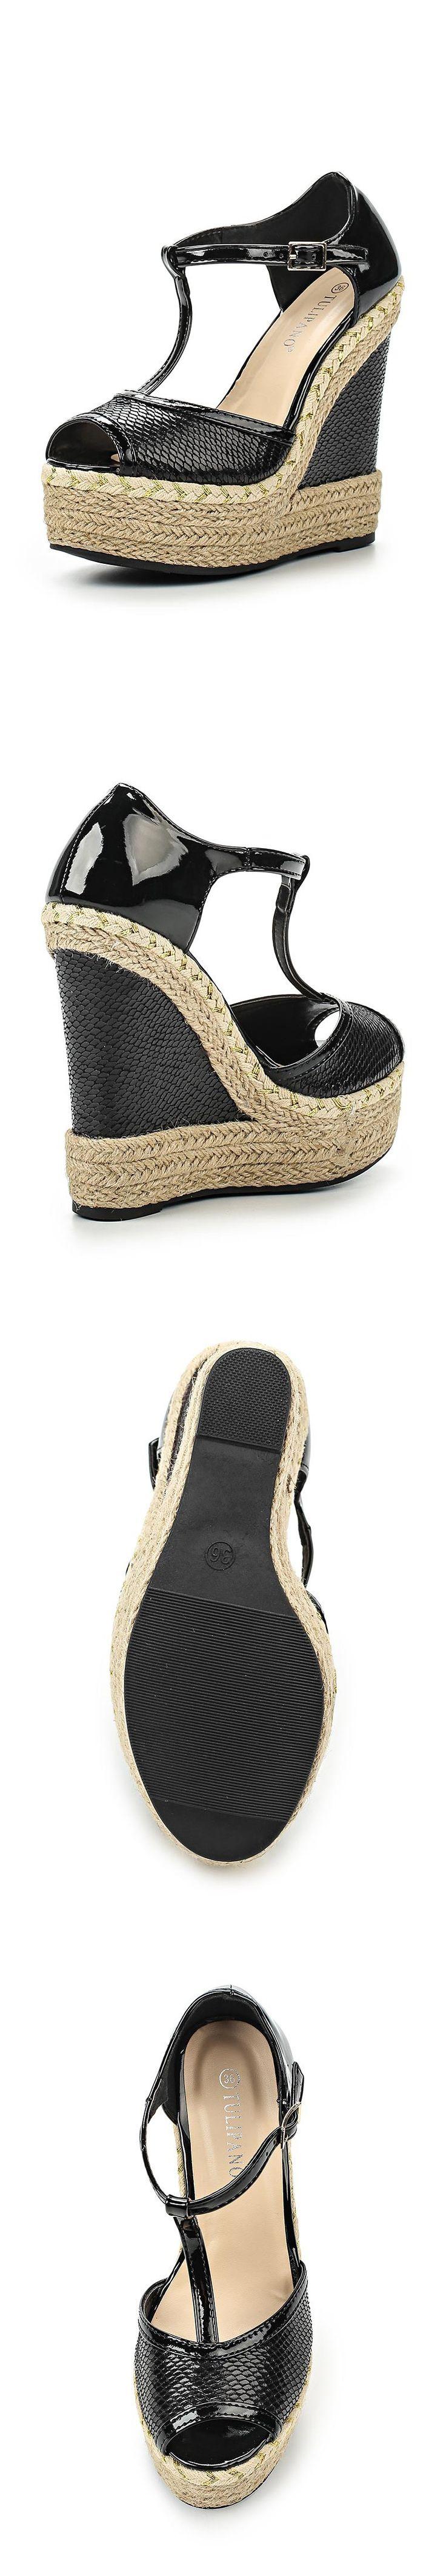 Женская обувь босоножки Tulipano за 3399.00 руб.